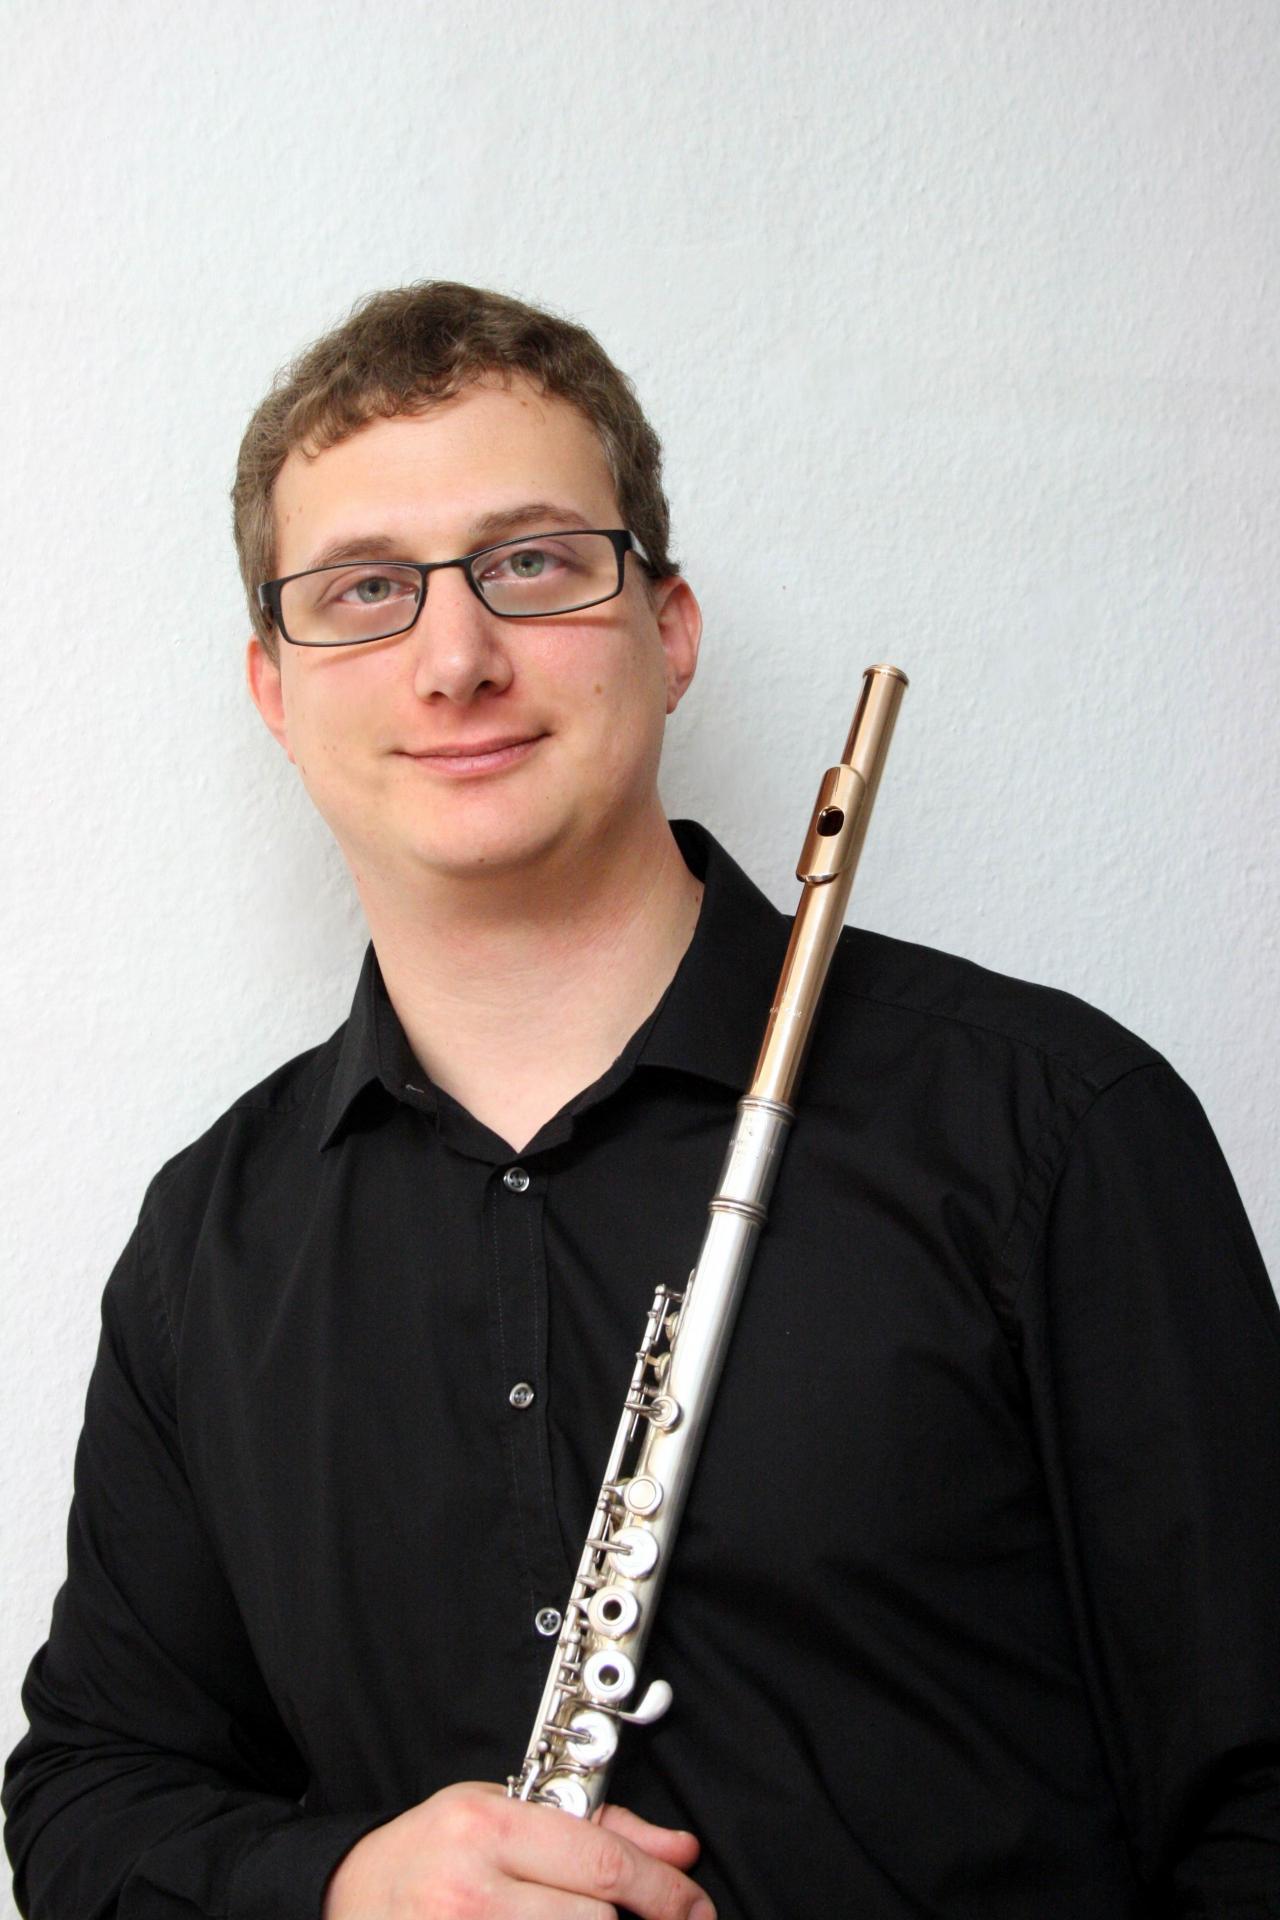 Florian Brech